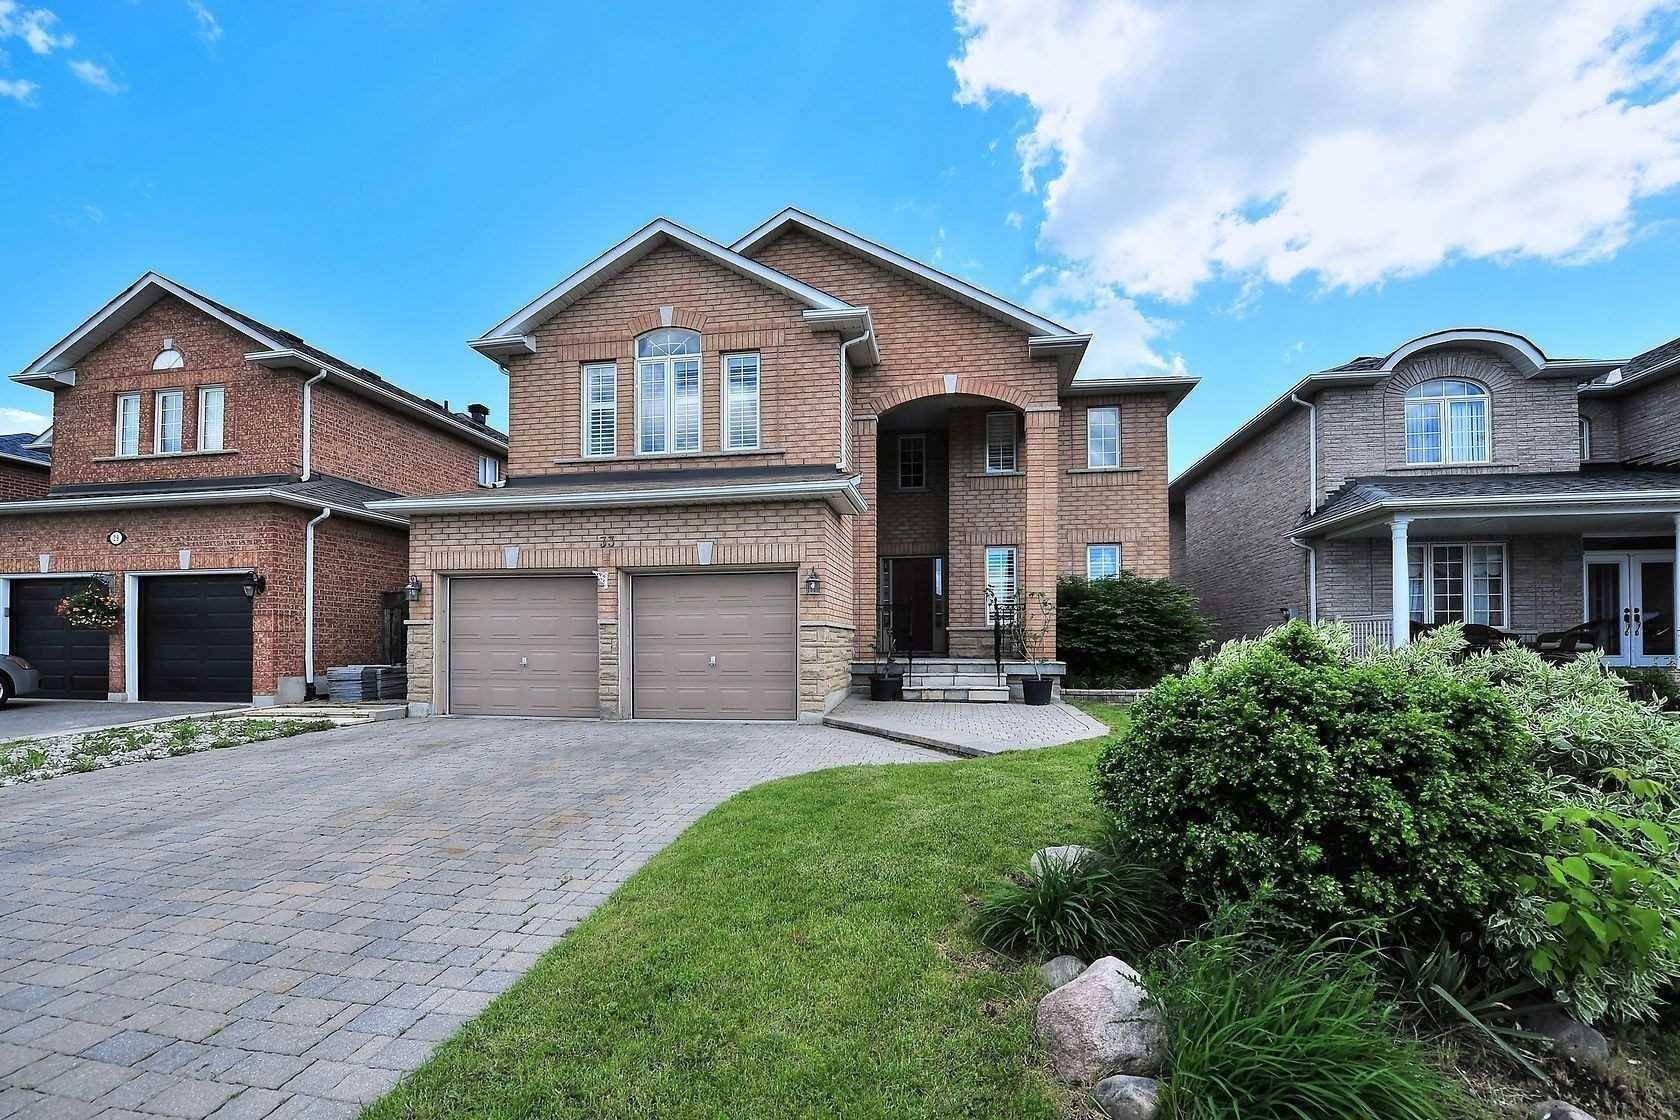 House for sale at 33 Logwood Dr Vaughan Ontario - MLS: N4545917